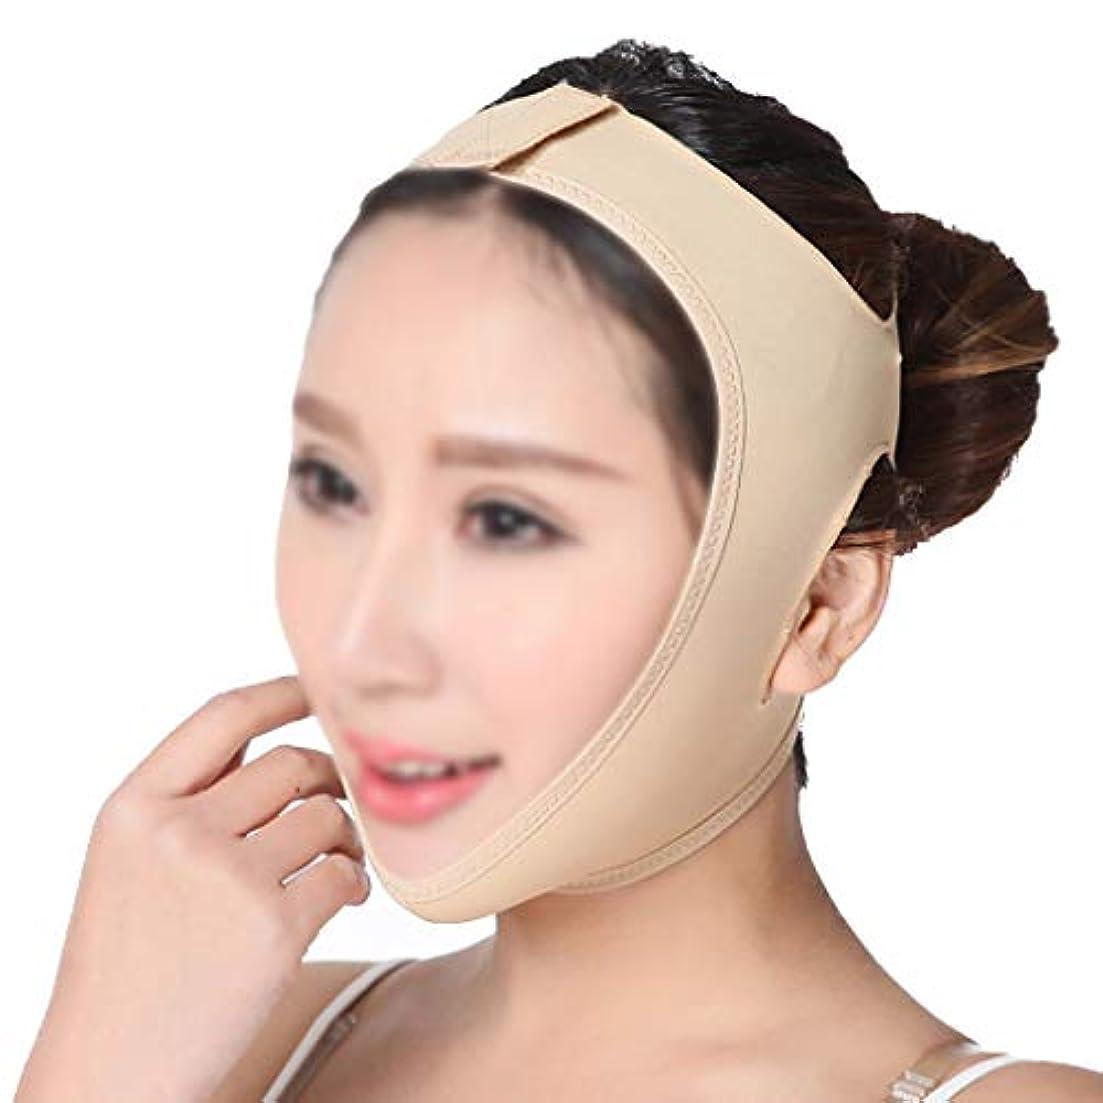 広告するかみそり迷路フェイスリフティングマスク、持ち上がるあごと顔の肌、垂れ下がるのを防ぐ頬、快適で通気性のある生地、詰まることを拒否、身に着けやすい (Size : XL)